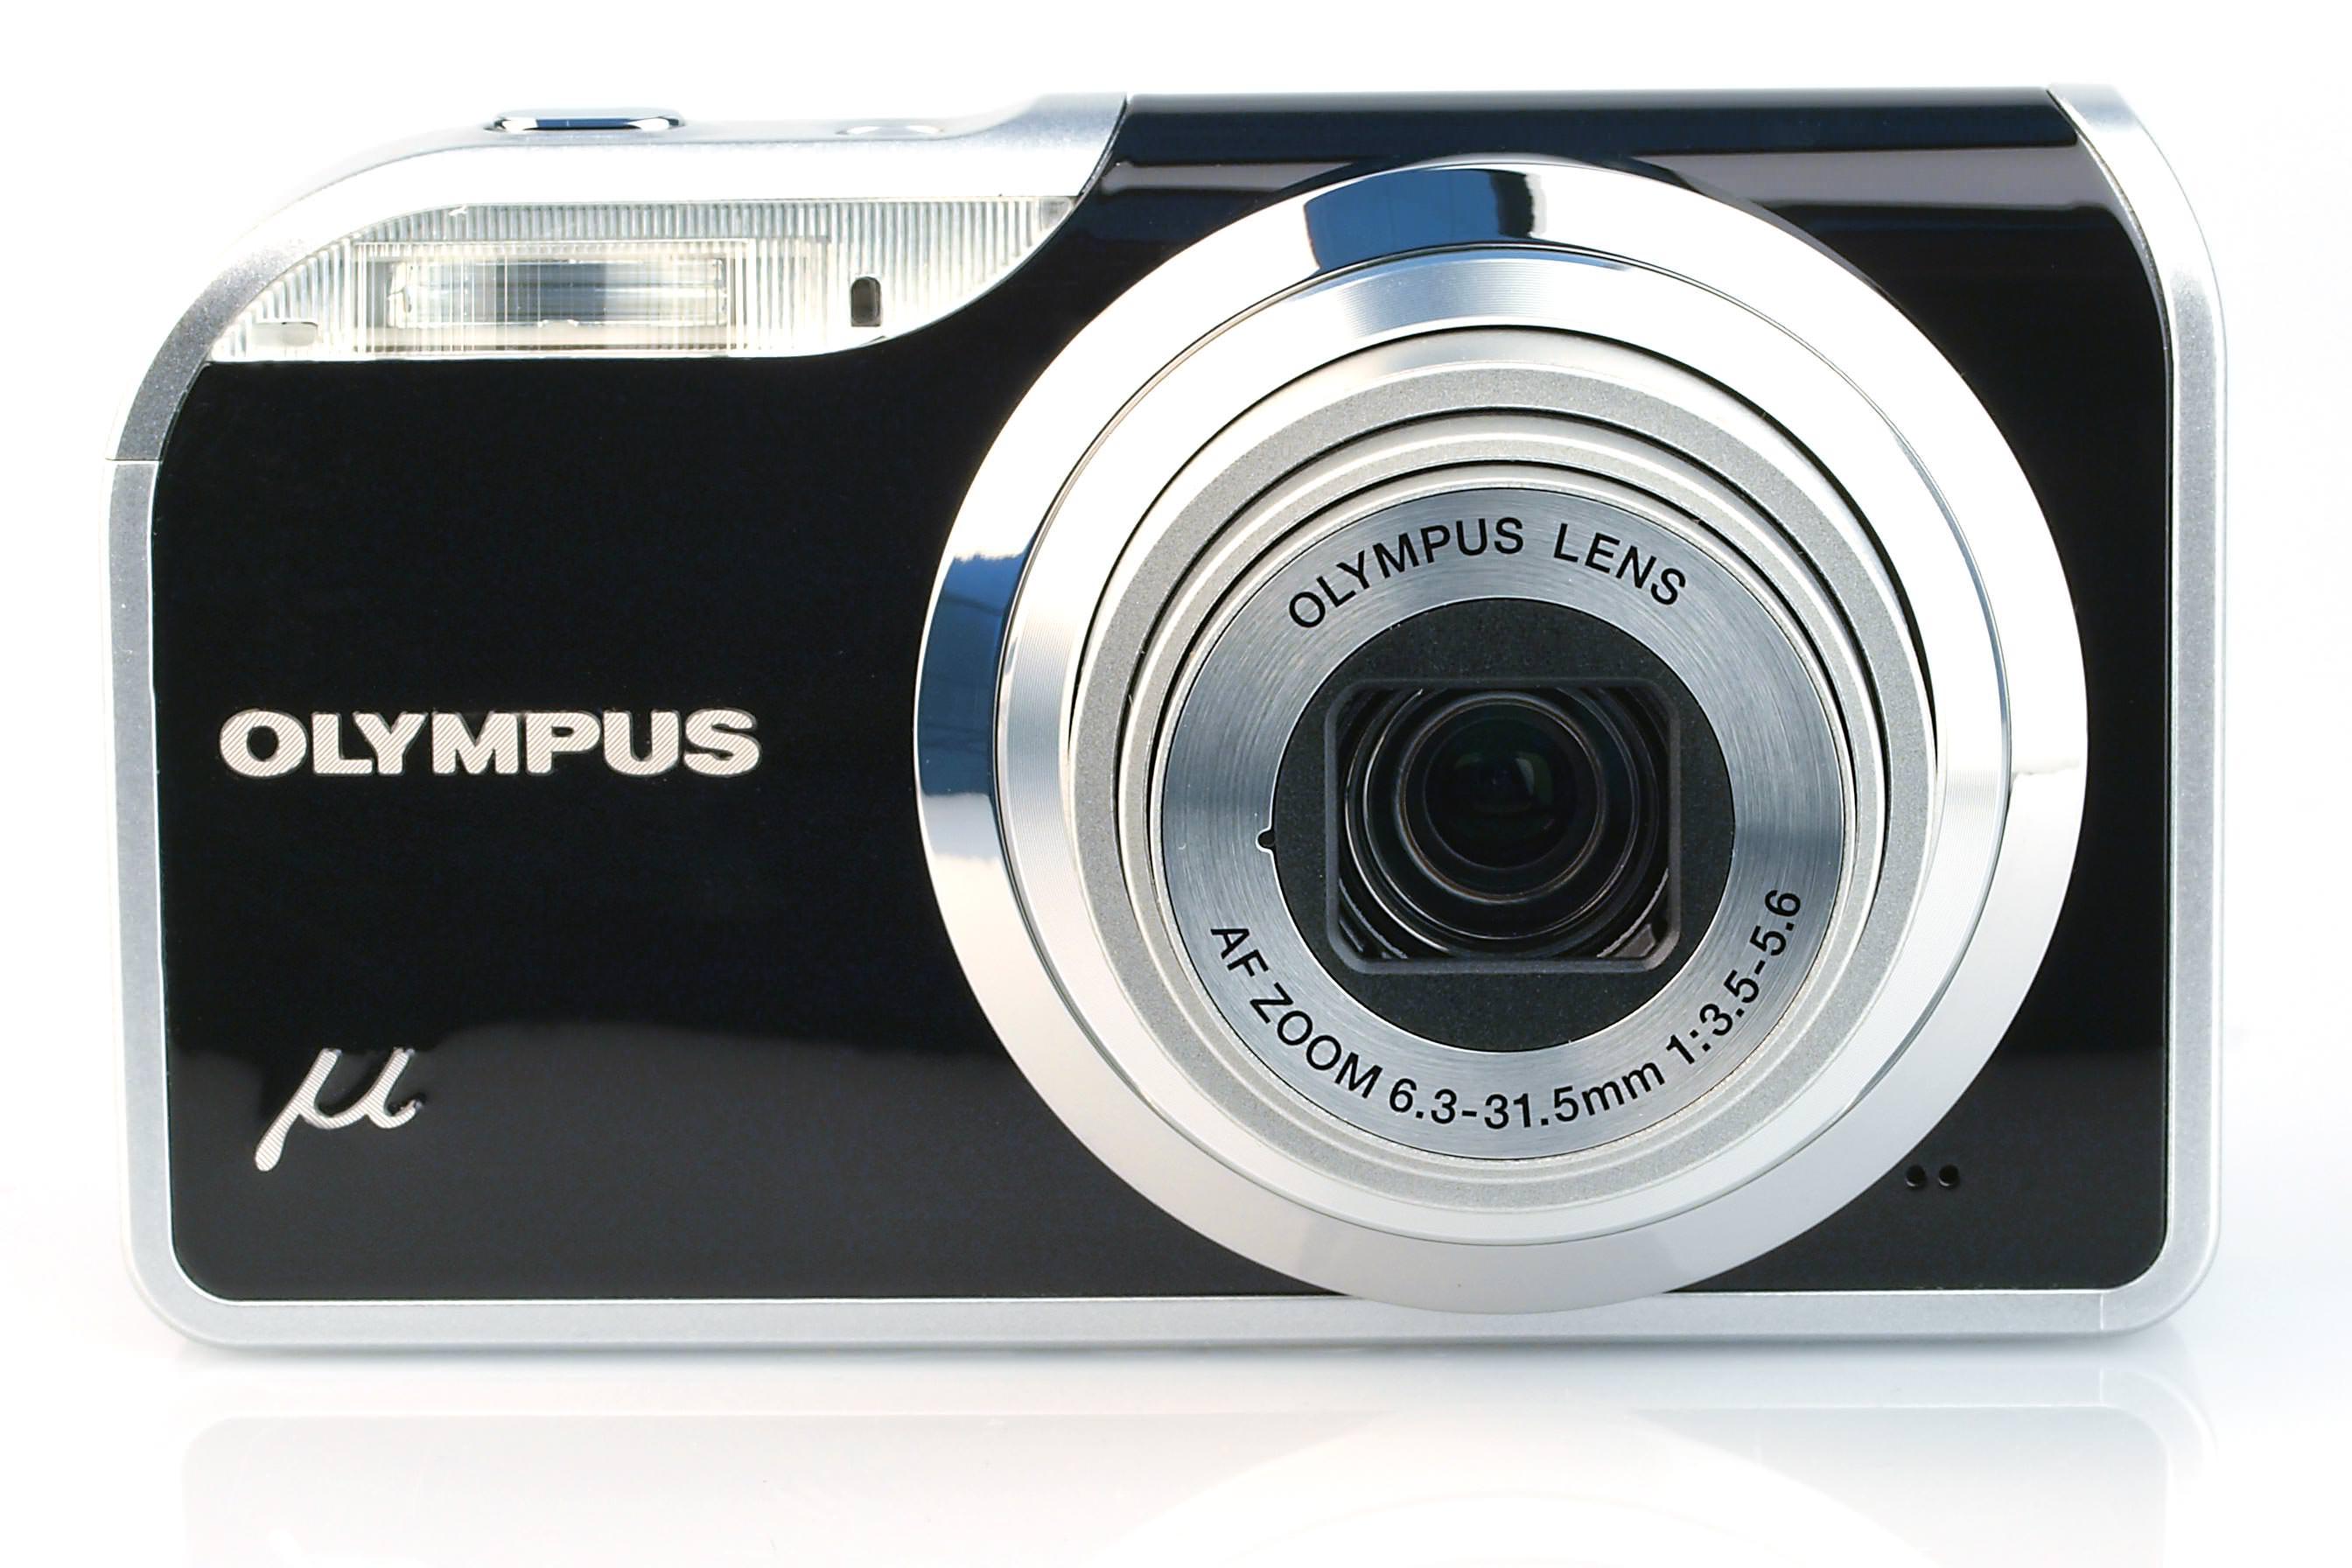 Olympus Mju 5000 Digital Camera Review